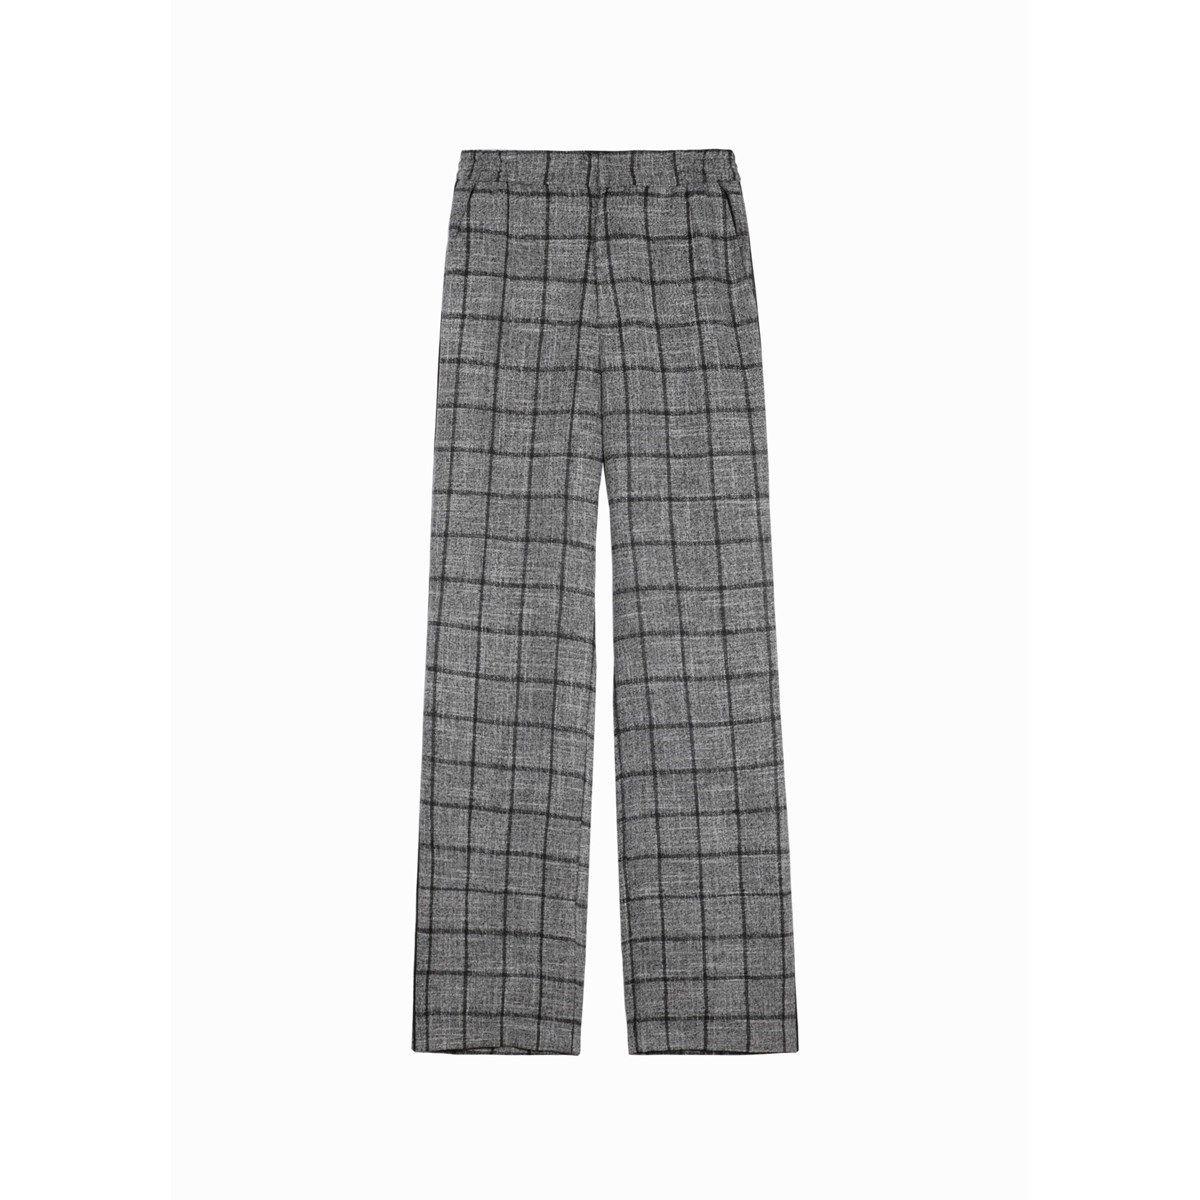 Pantalon prewdence